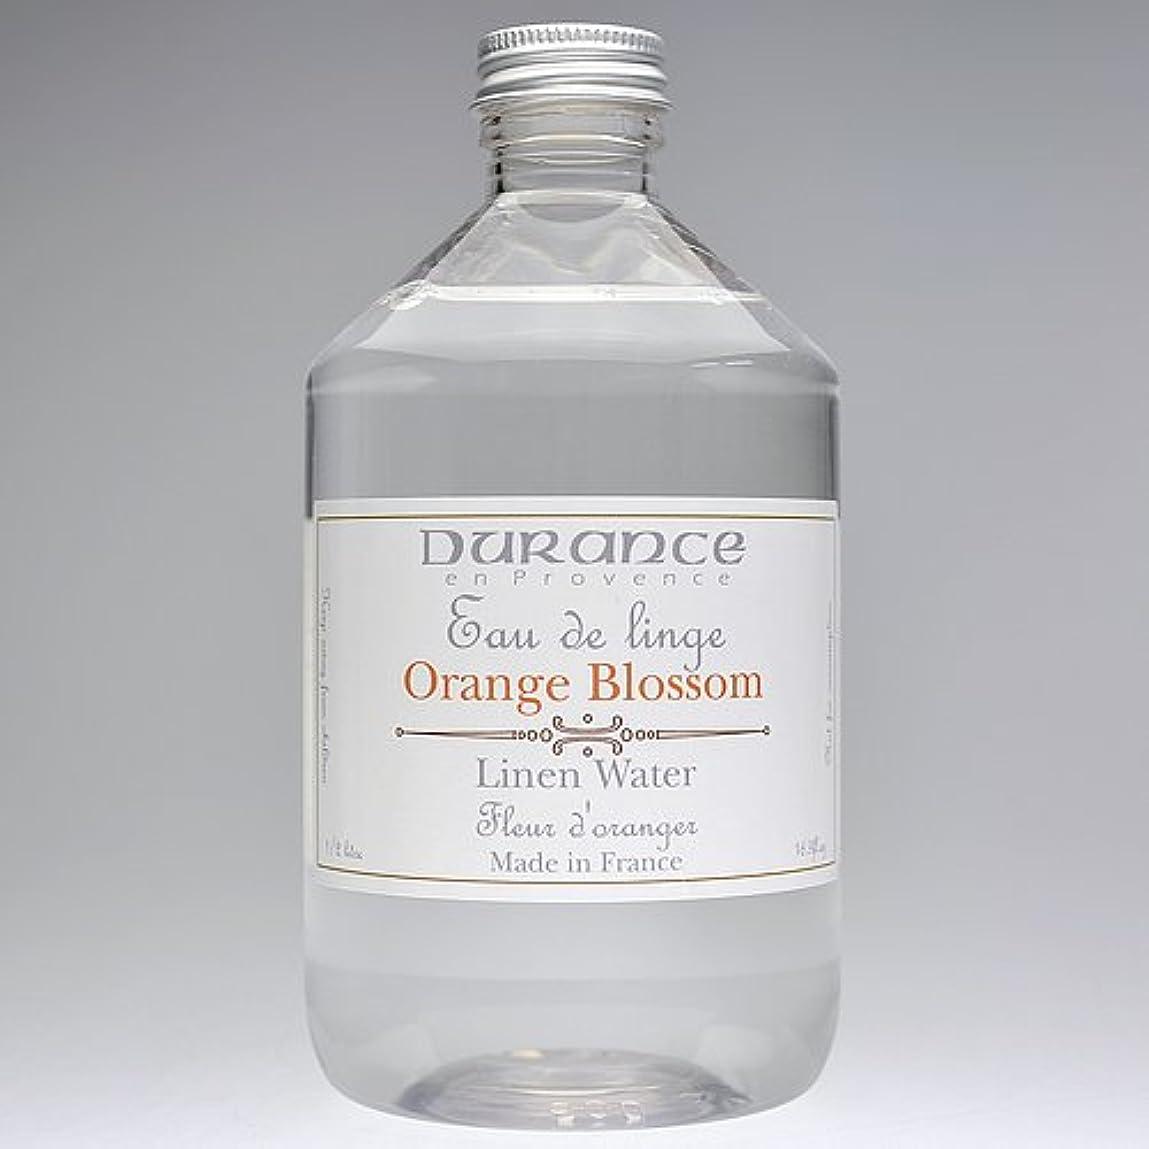 クライストチャーチ感動する気付くDURANCE(デュランス) リネンケアシリーズ リネンウォーター 500ml 「フラワーオレンジ」 4994228008619